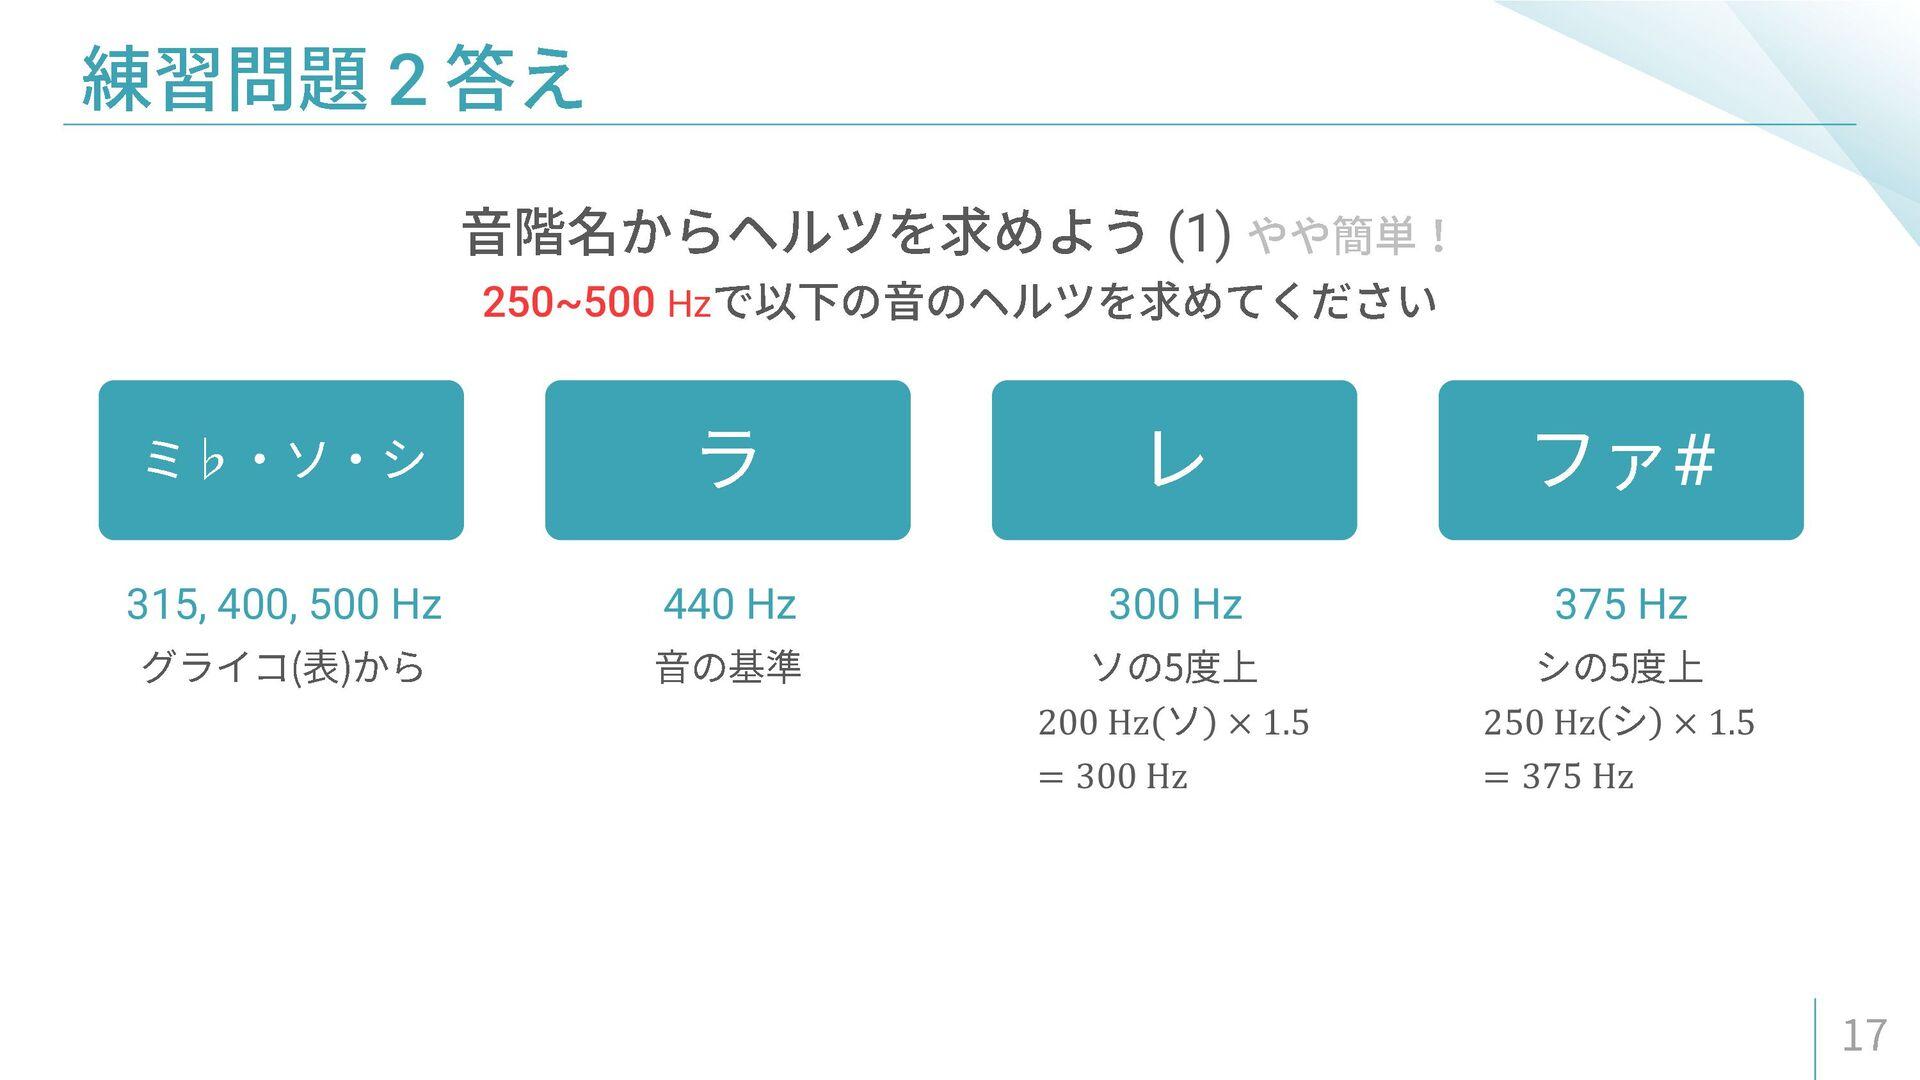 200 Hz × 1.5 = 300 Hz 250 Hz × 1.5 = 375 Hz (1)...